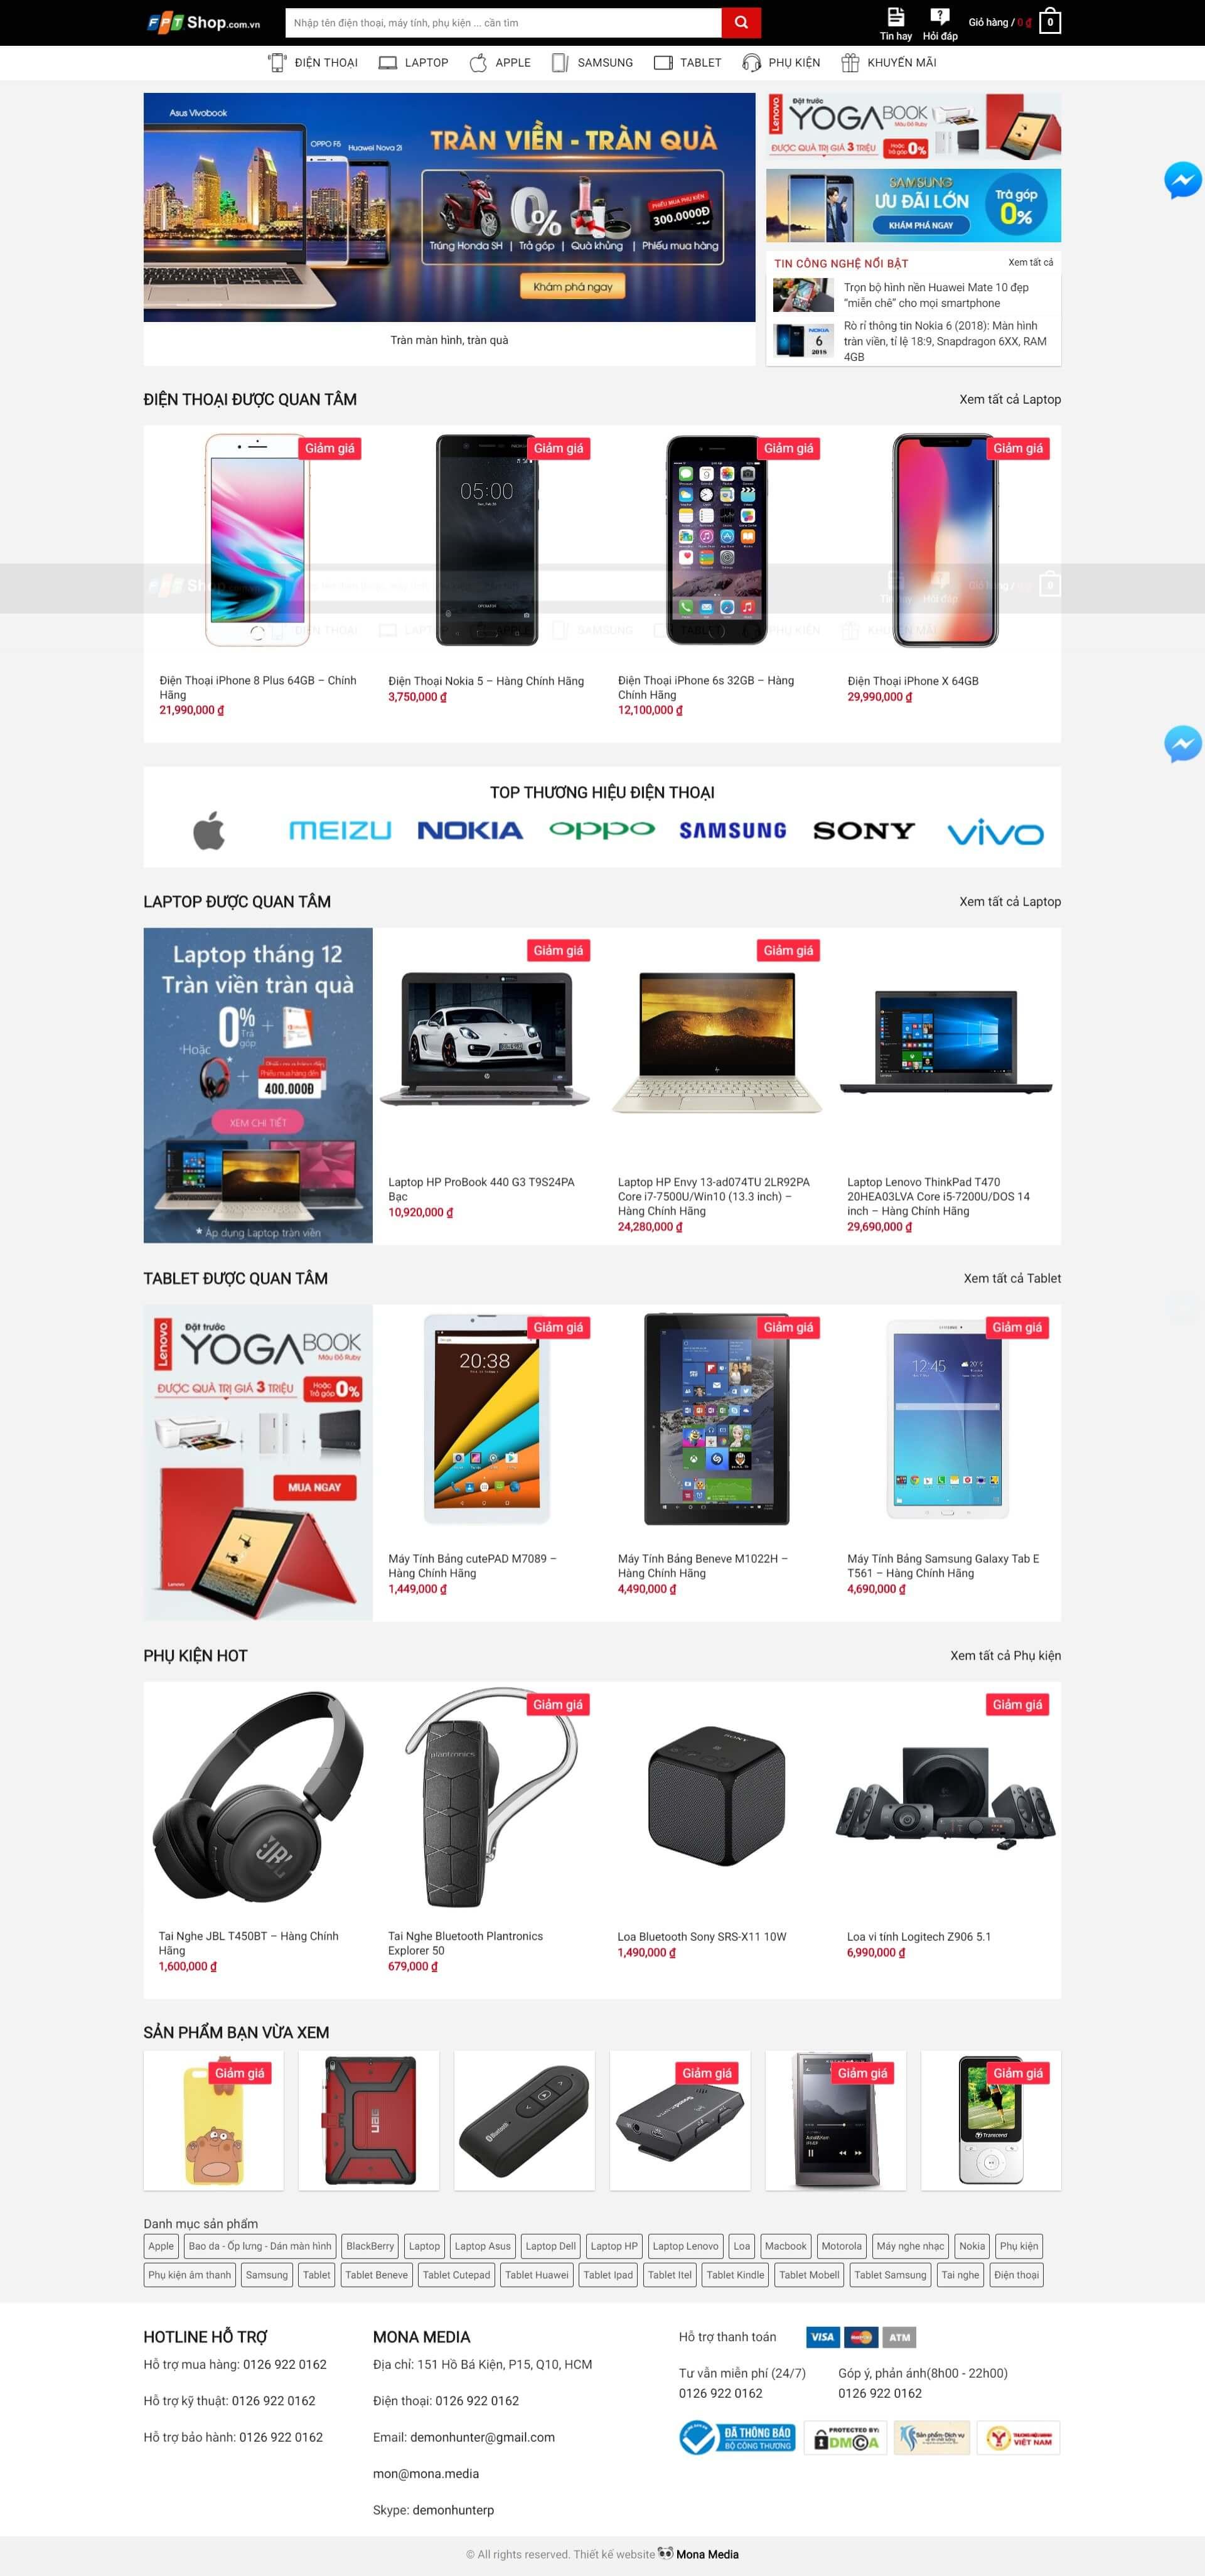 Mẫu website bán hàng phụ kiện điện thoại giống trang web fpt shop